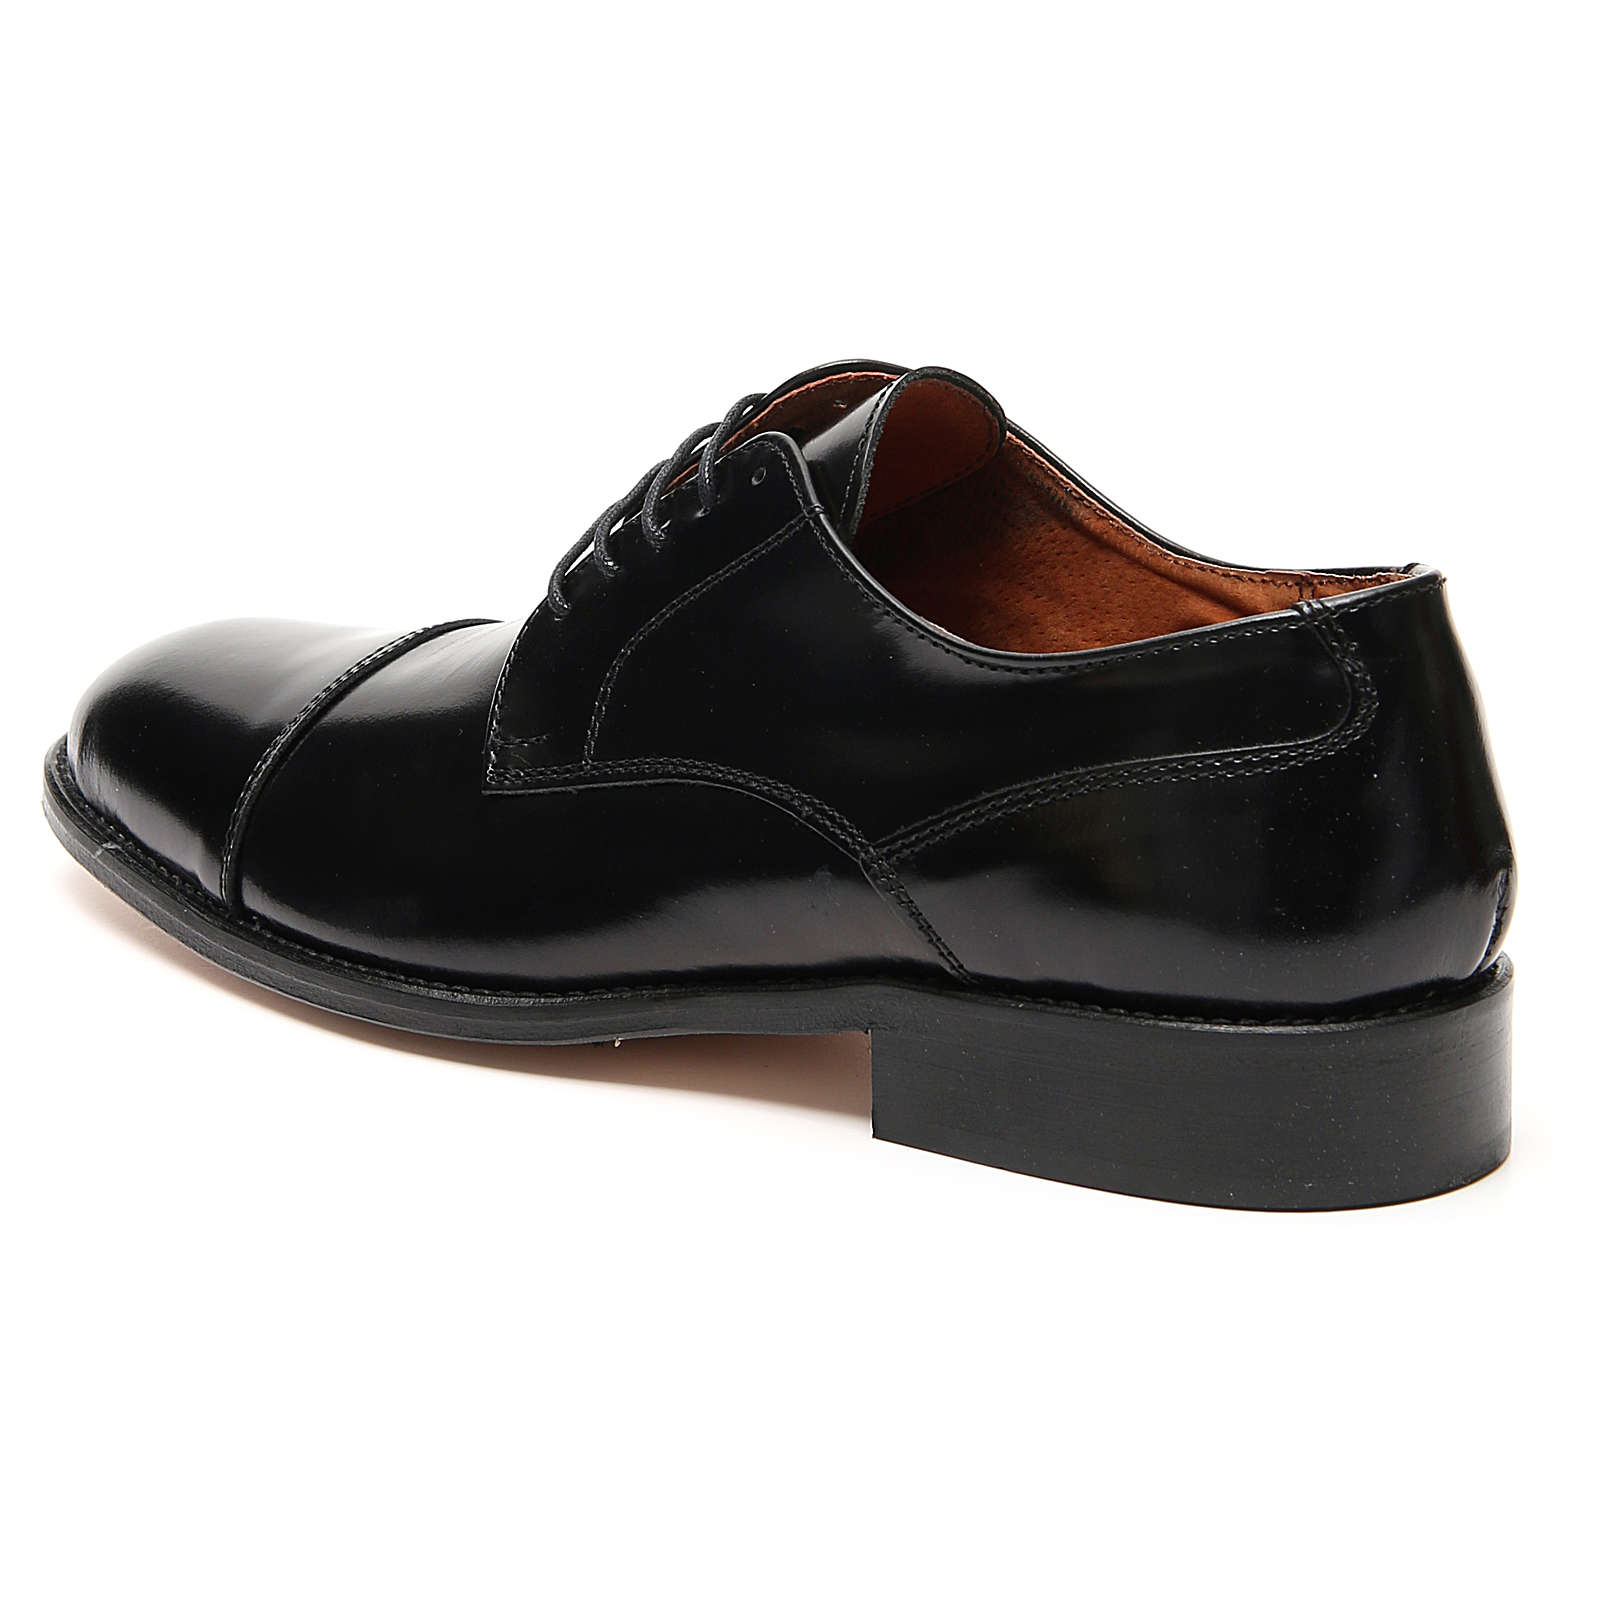 Zapatos de cuero abrasivado negro punta cortada 4